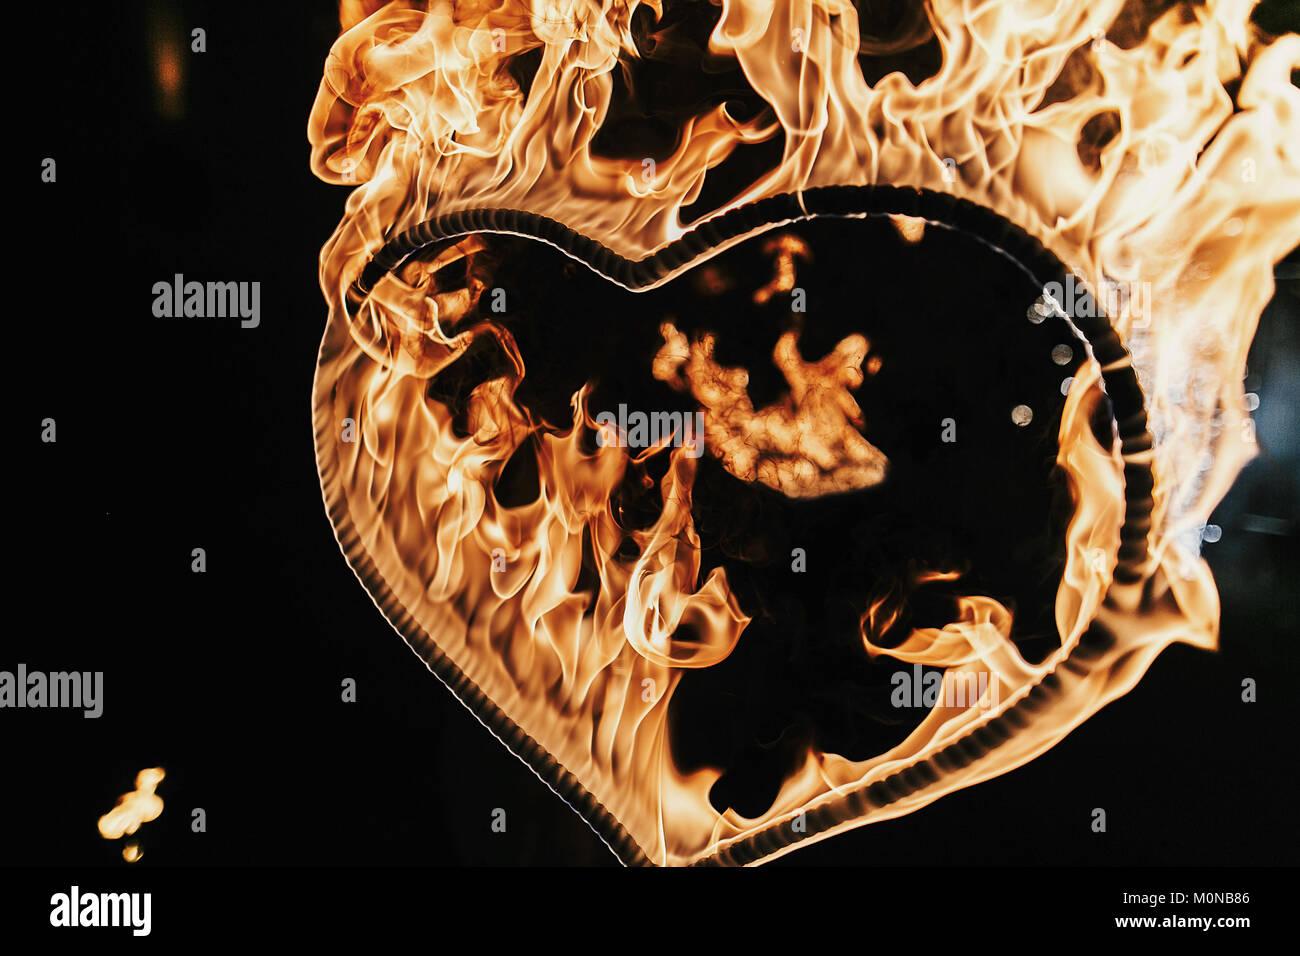 Fuegos artificiales en forma de corazón sobre fondo negro, espectáculo de fuego en la noche. Feliz Día de San Valentín tarjeta corazón ardiente fuego de Bengala. Espacio para el texto. Boda o valen Foto de stock